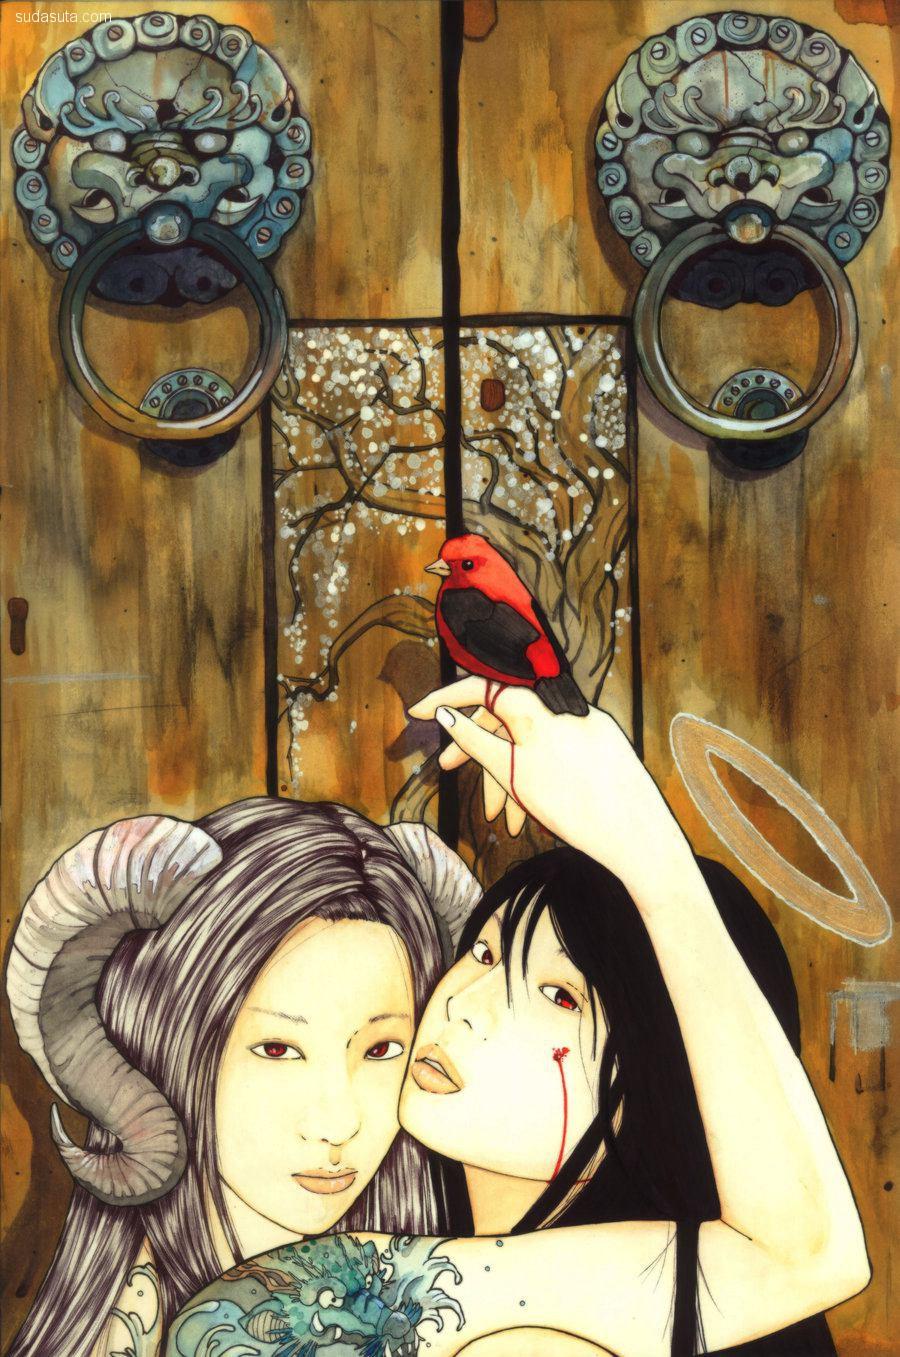 Agarwen Umarth 绘画艺术欣赏